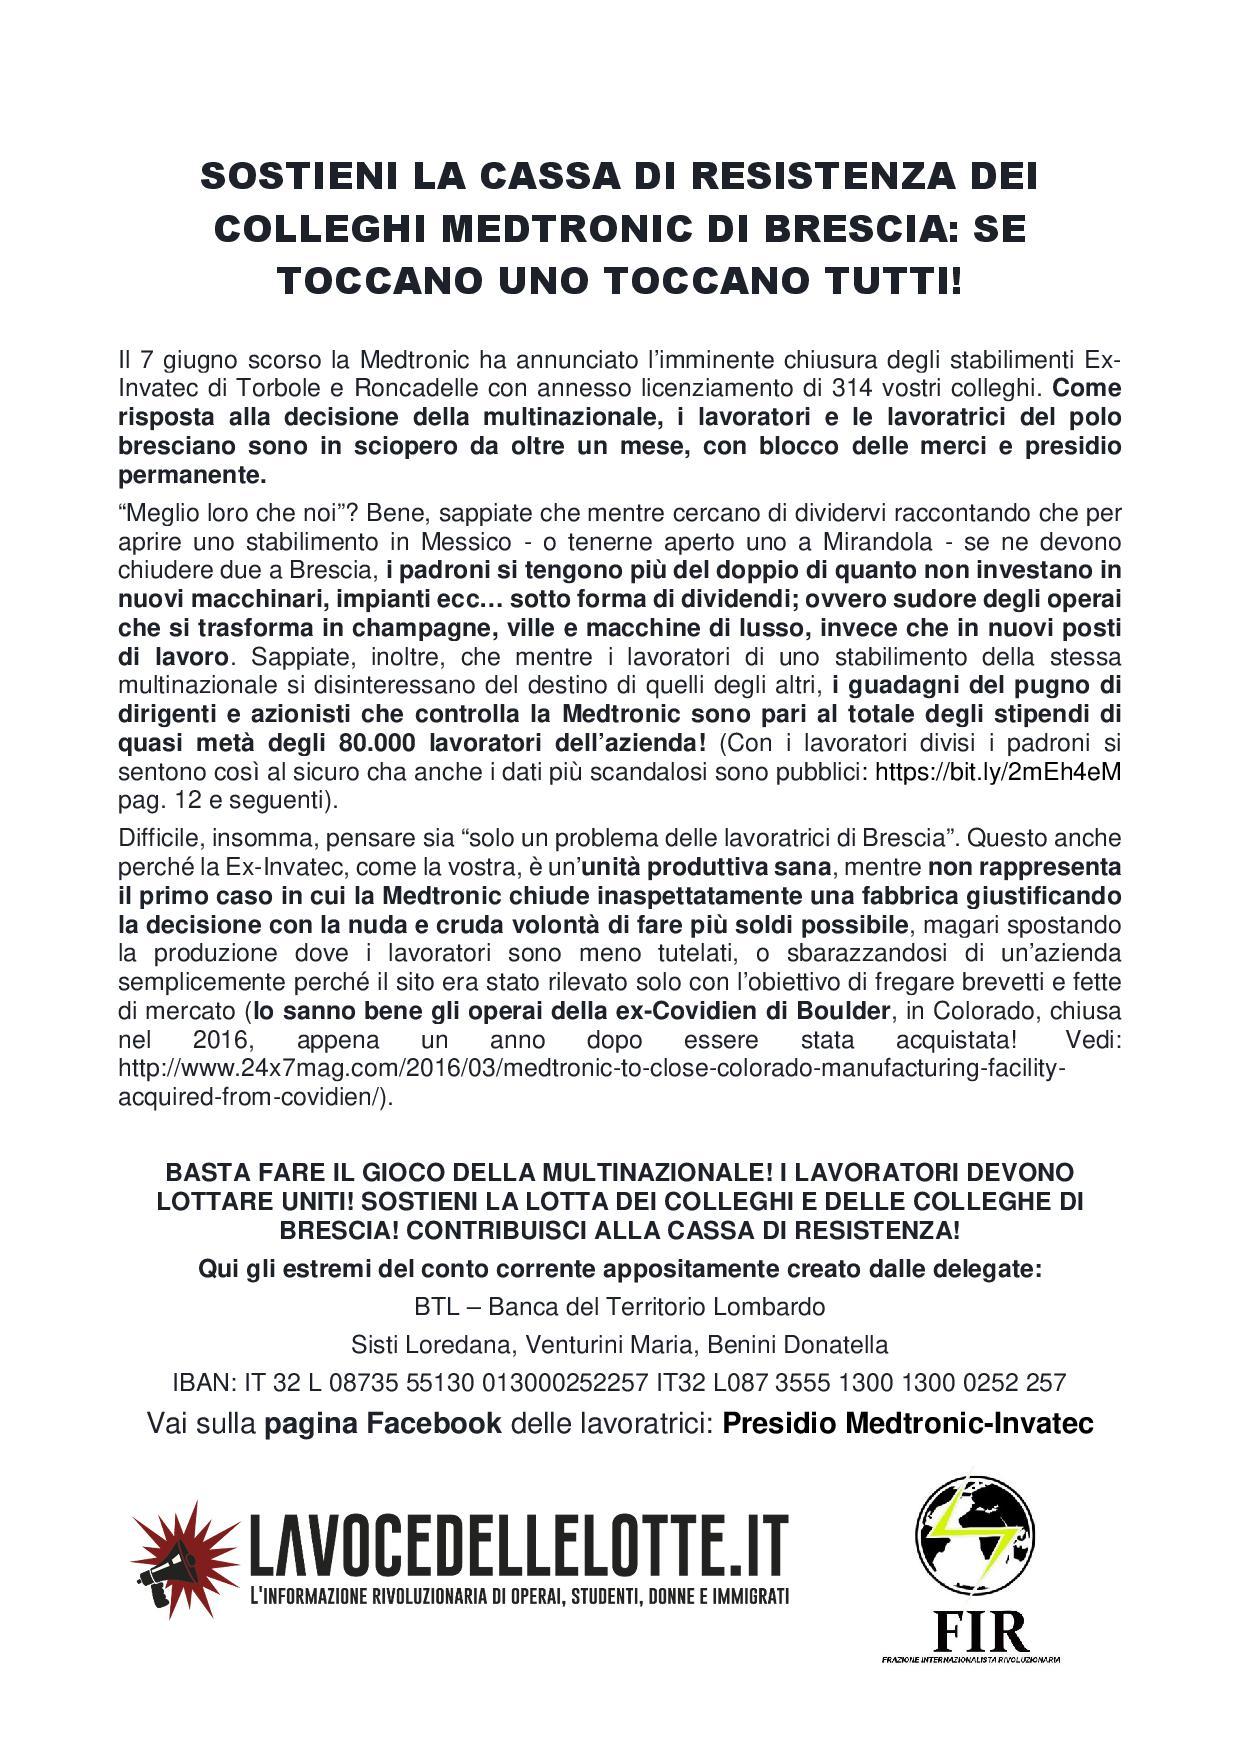 Medtronic di Mirandola: sostenere la lotta degli stabilimenti bresciani!